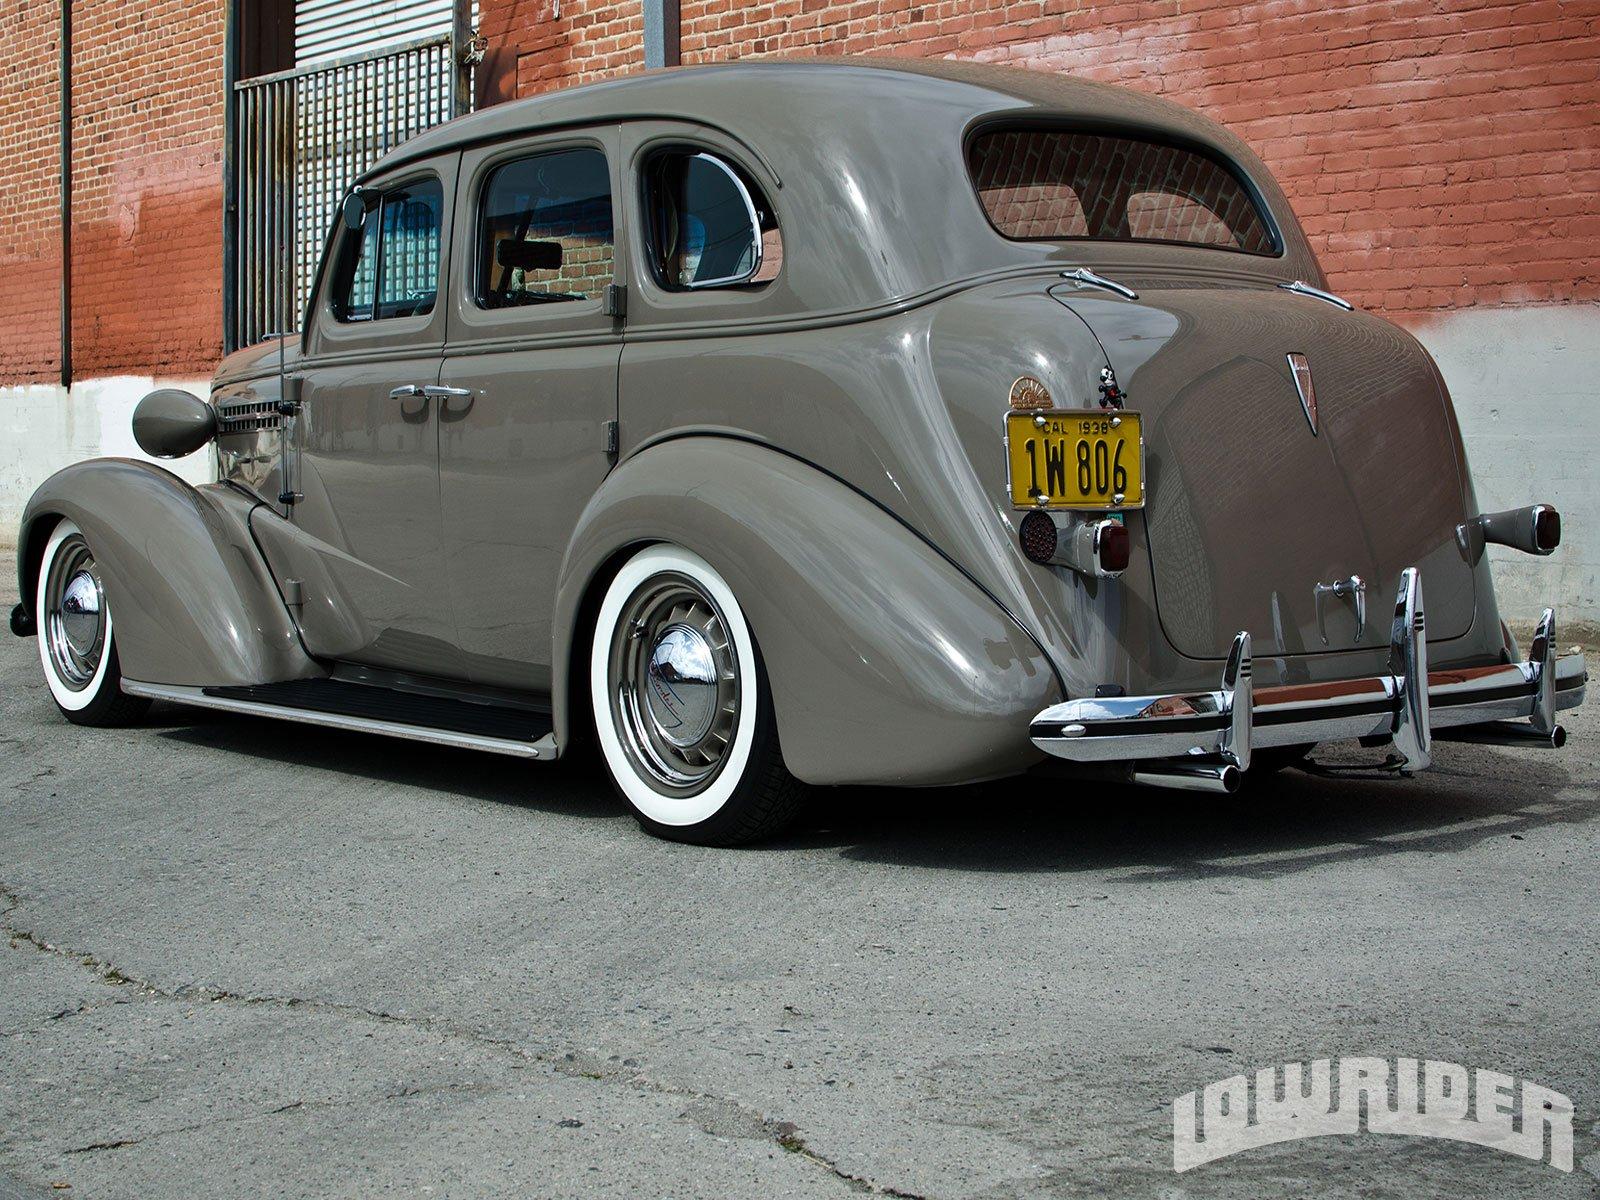 1938 chevrolet master deluxe custom tuning hot rods rod for 1938 chevy 4 door